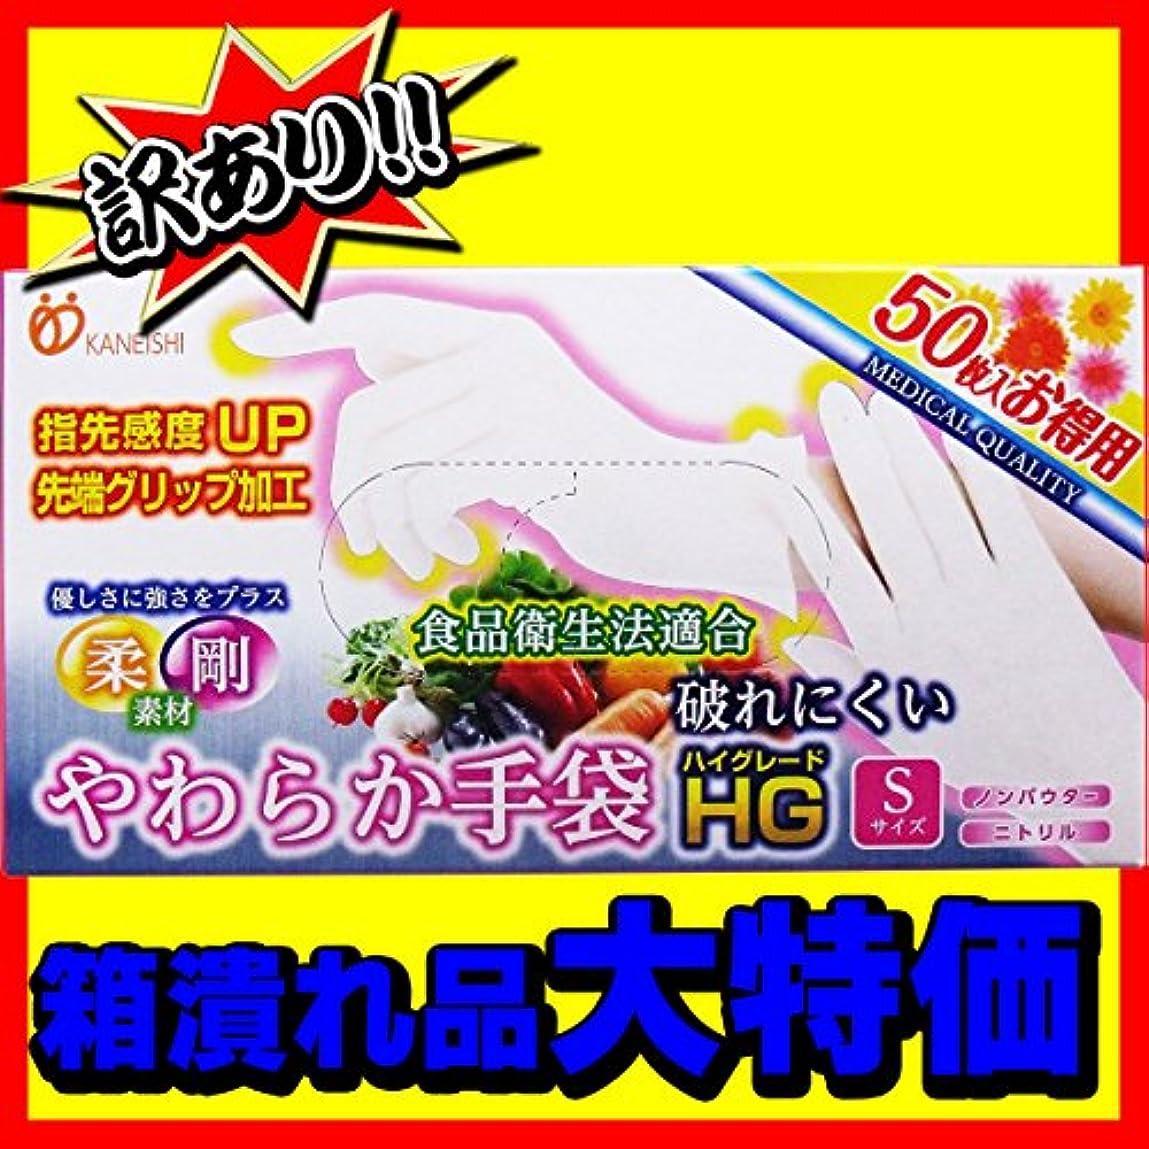 【訳あり】 やわらか手袋HG(ハイグレード) 二トリル手袋 パウダーフリー Sサイズ50枚入×10個セット